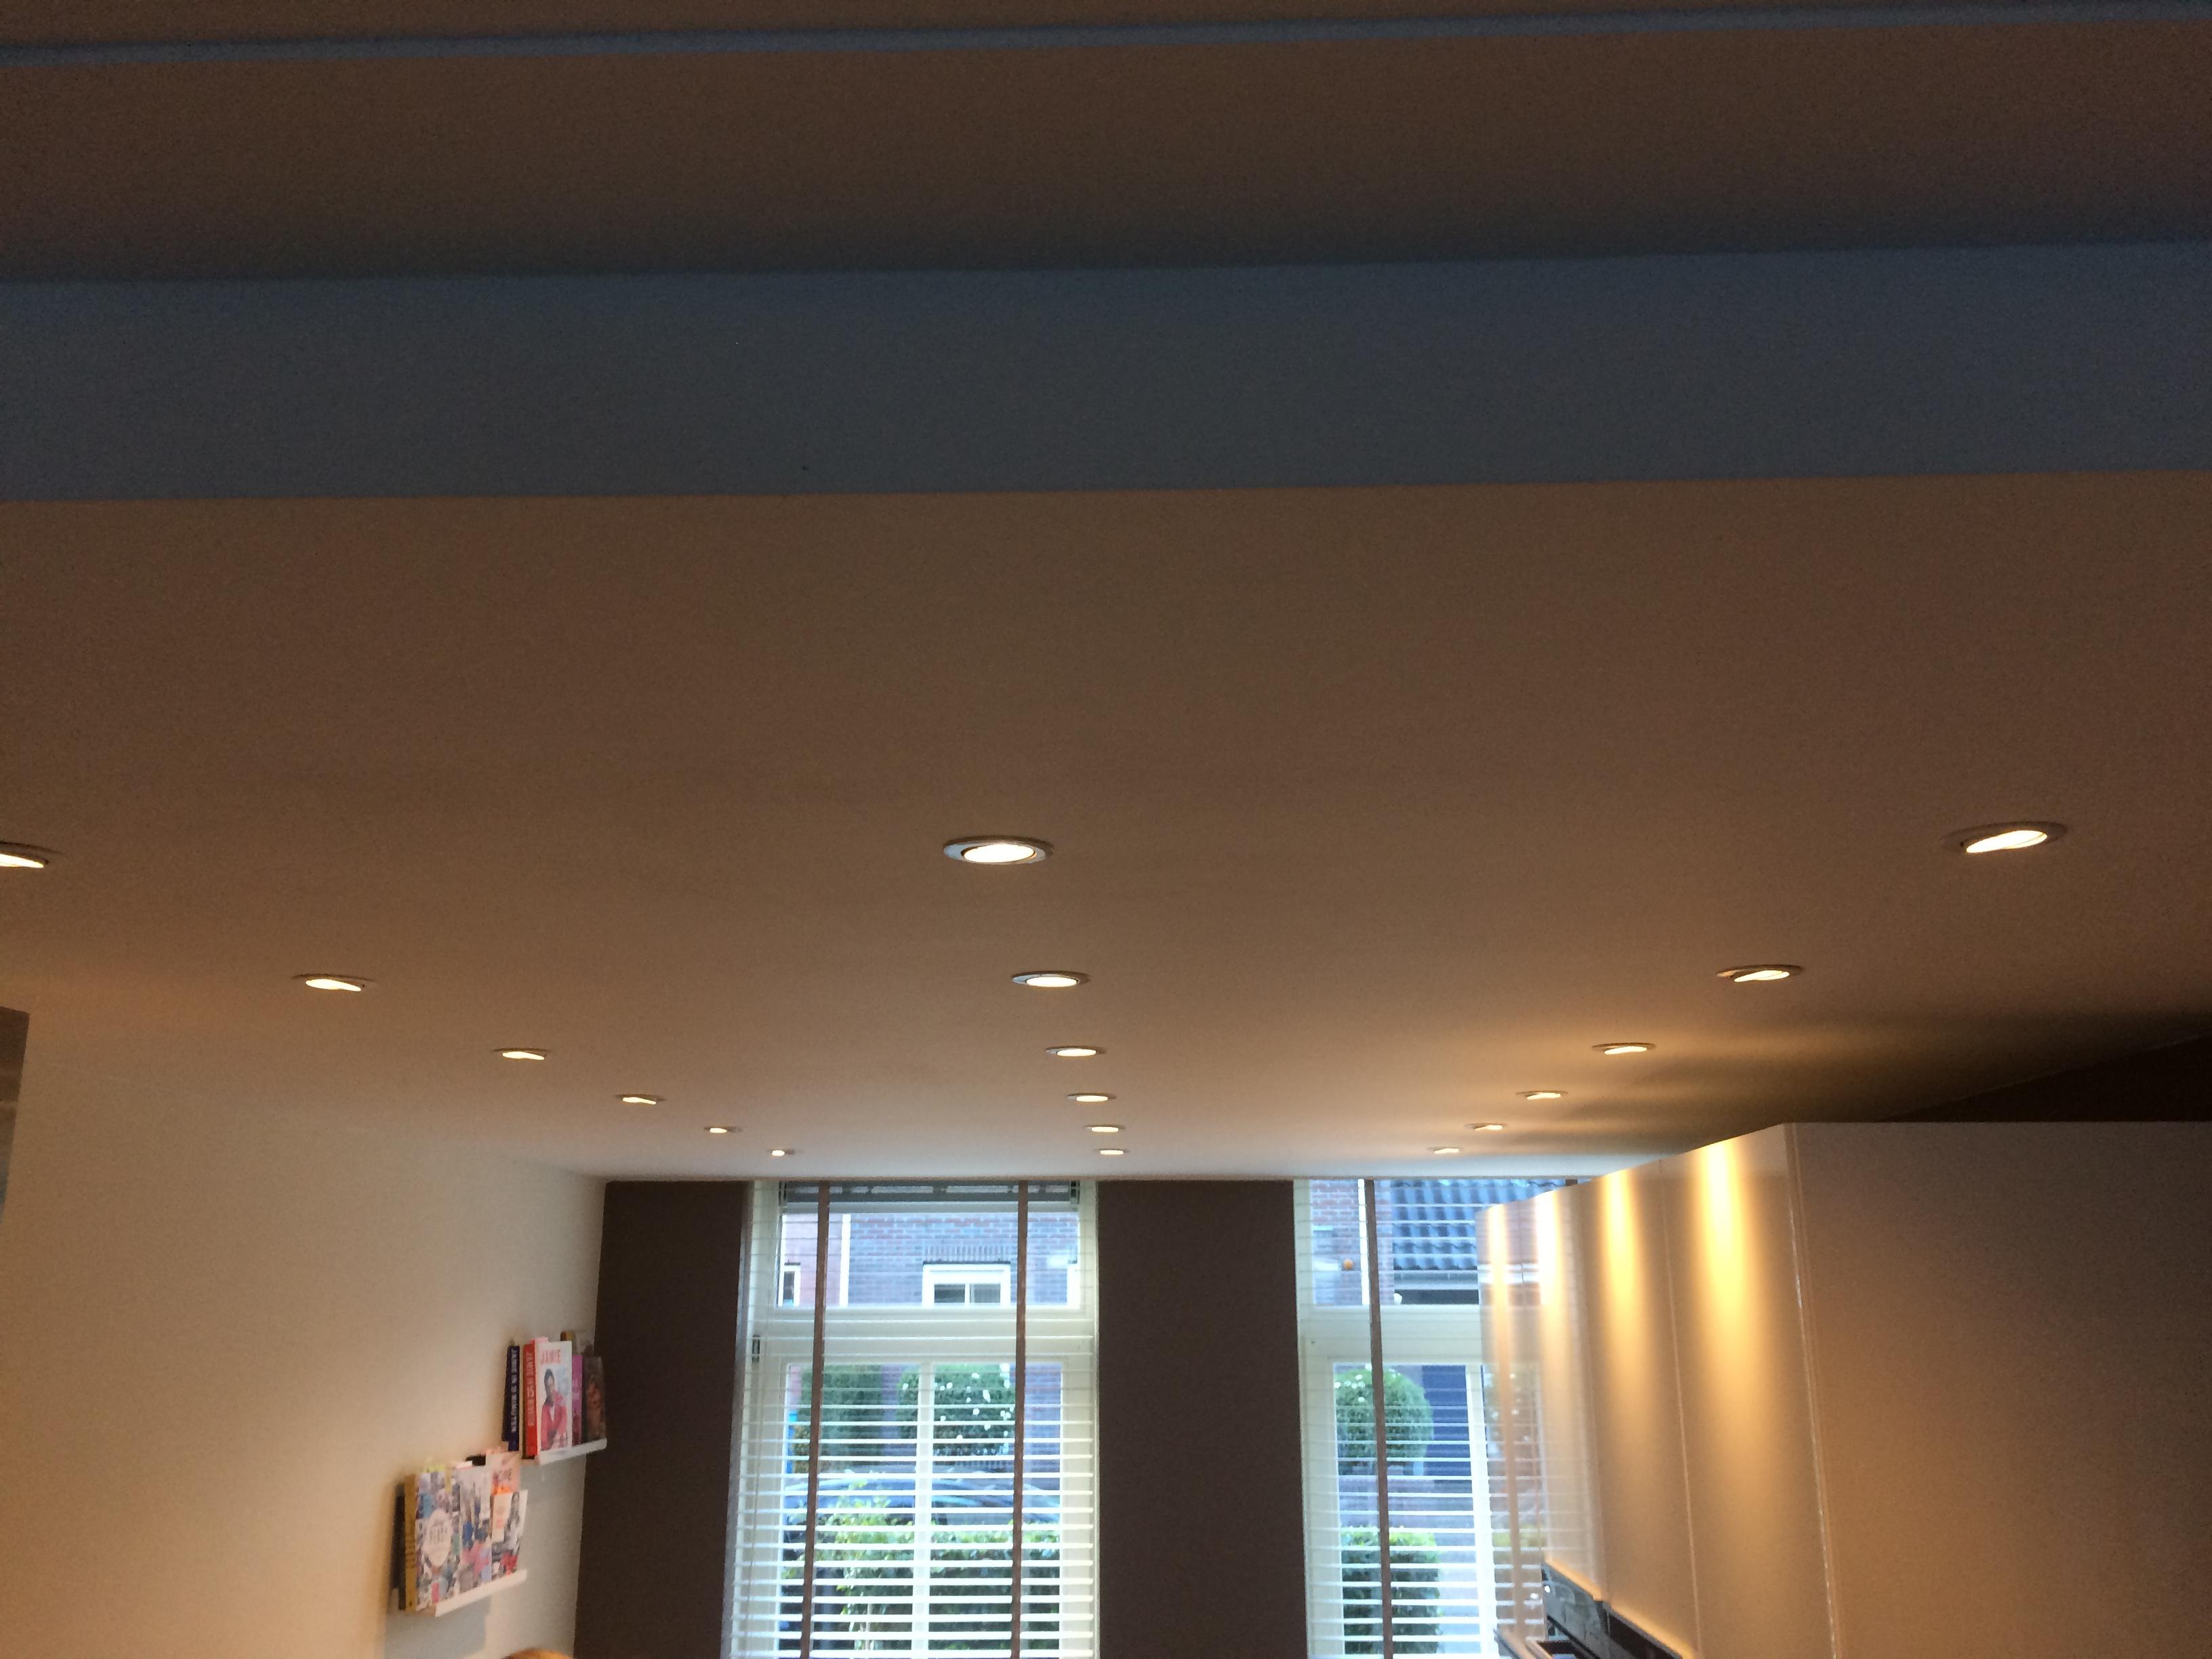 Uitzonderlijk Verlaagd plafond in de keuken - Bulder Klusbedrijf &JH44